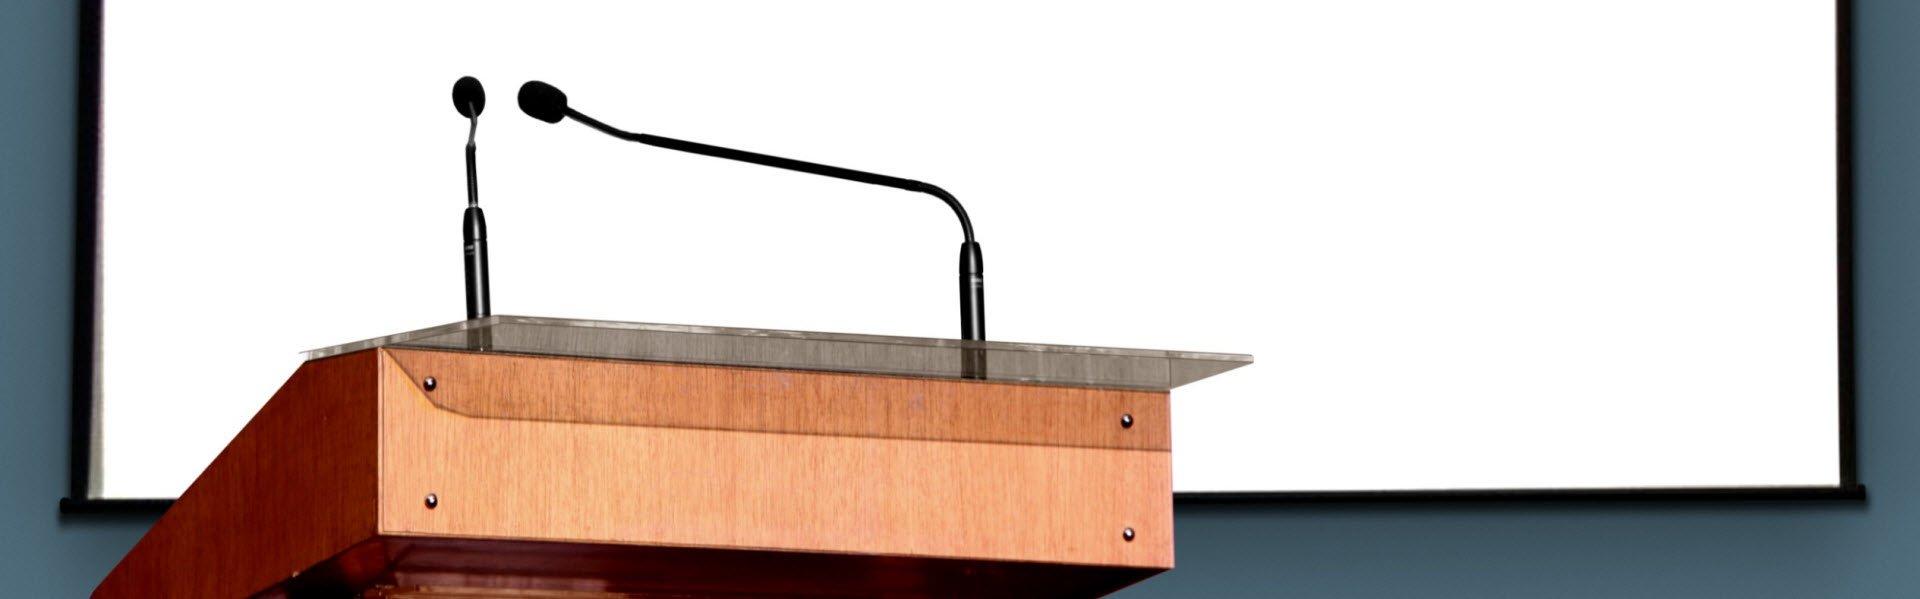 podium-1920-x-600